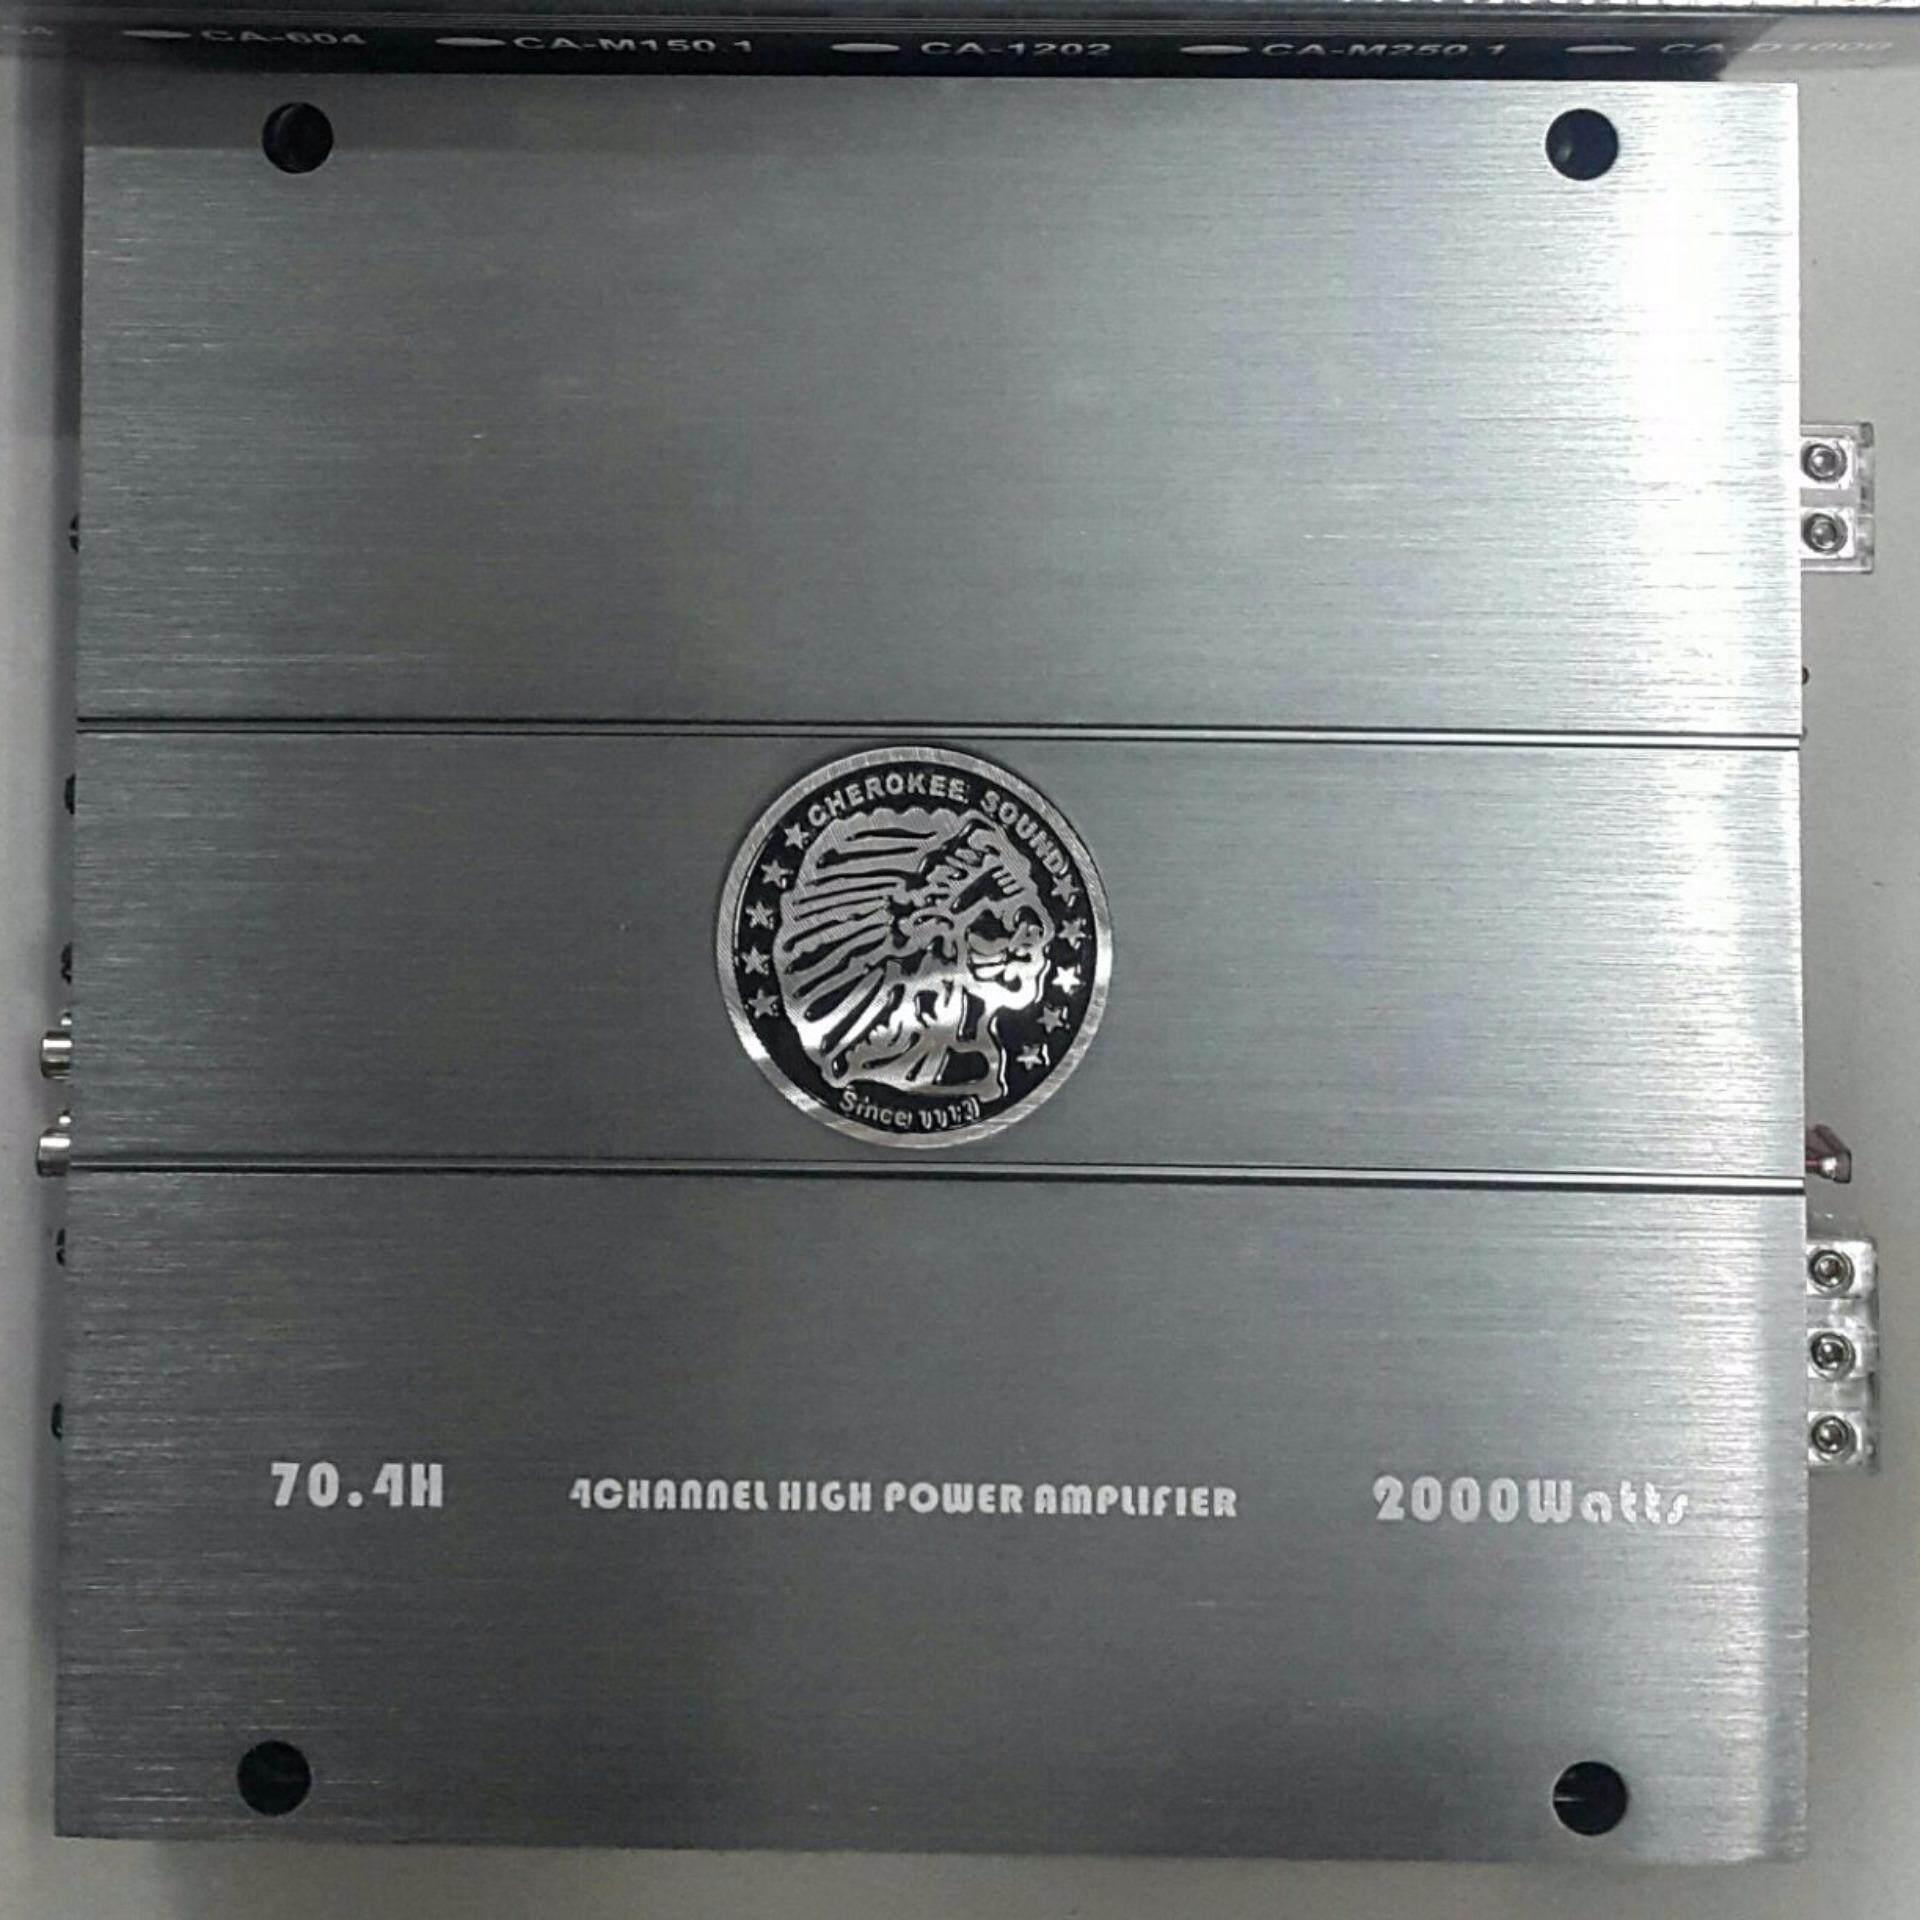 Cherokee 4 Channel Power Amplifier MAX POWER 2000 WATTS